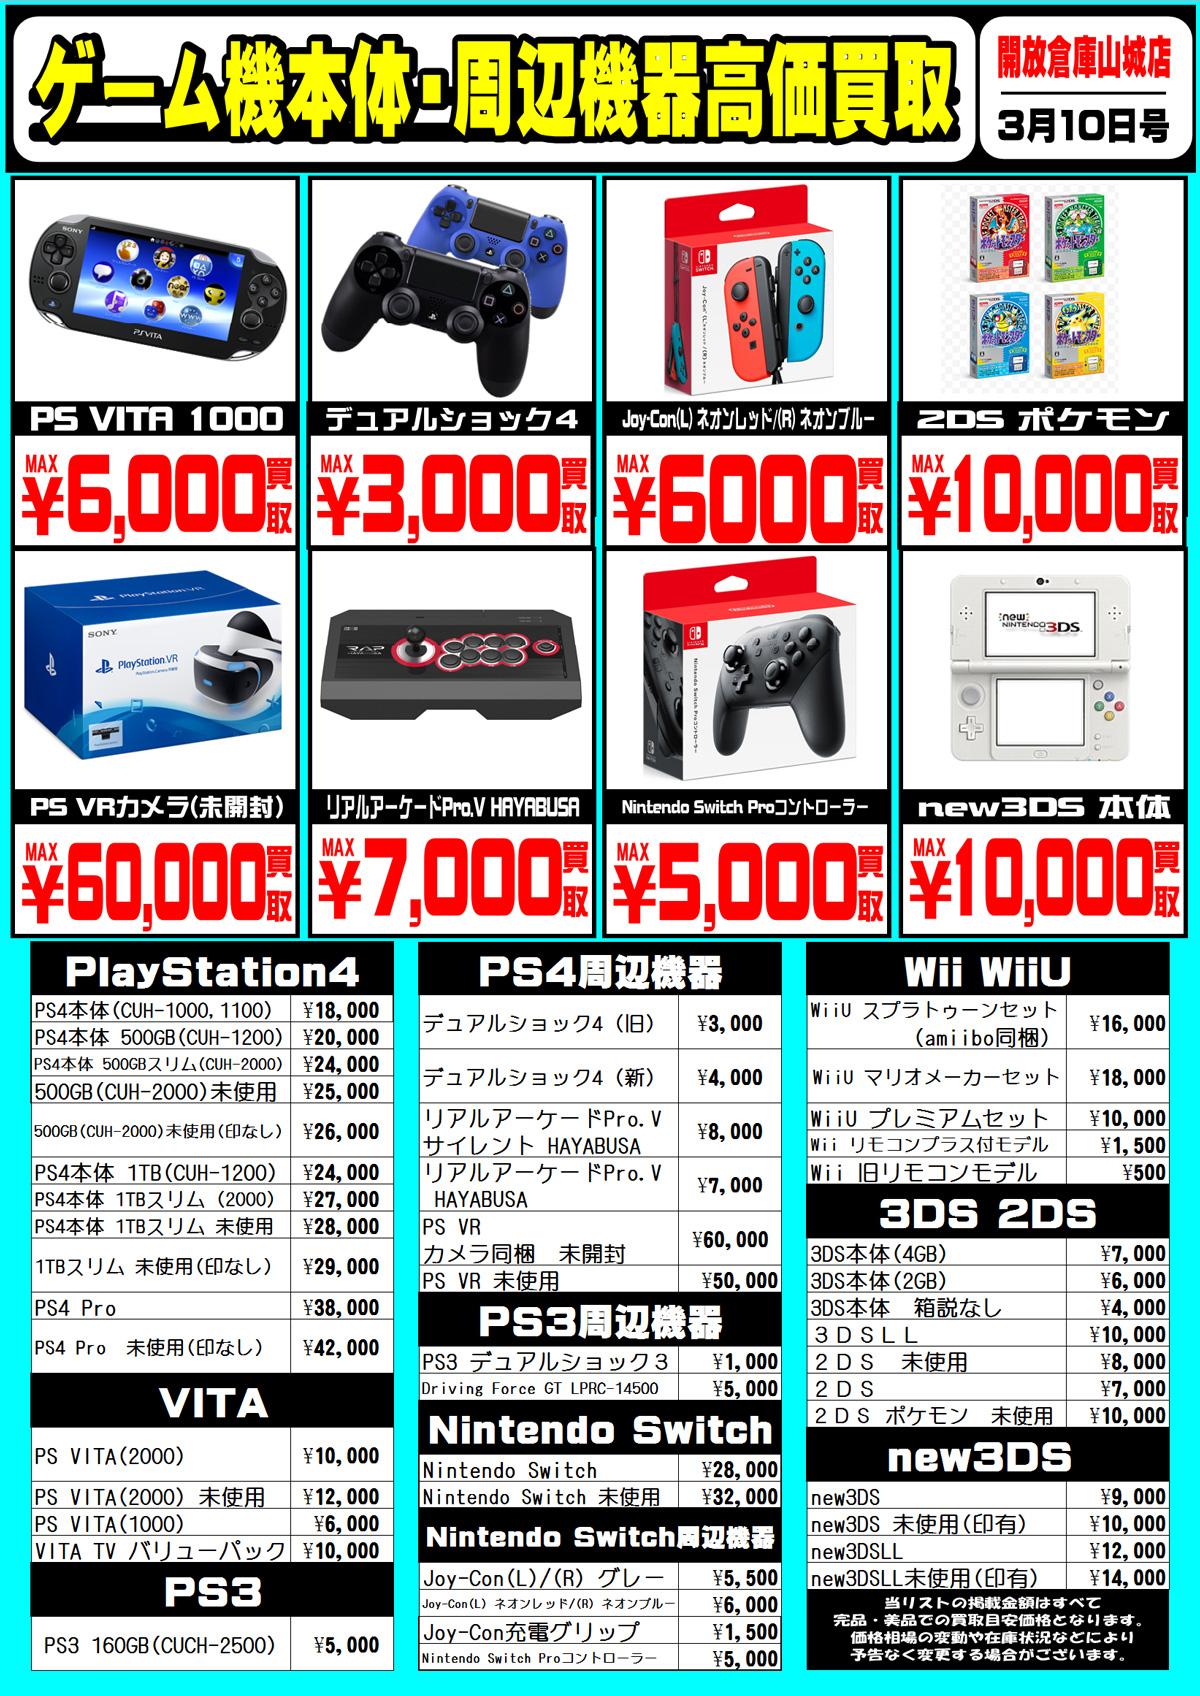 「開放倉庫山城店」2017年3月10日号ゲーム機本体・周辺機器高価買取情報!